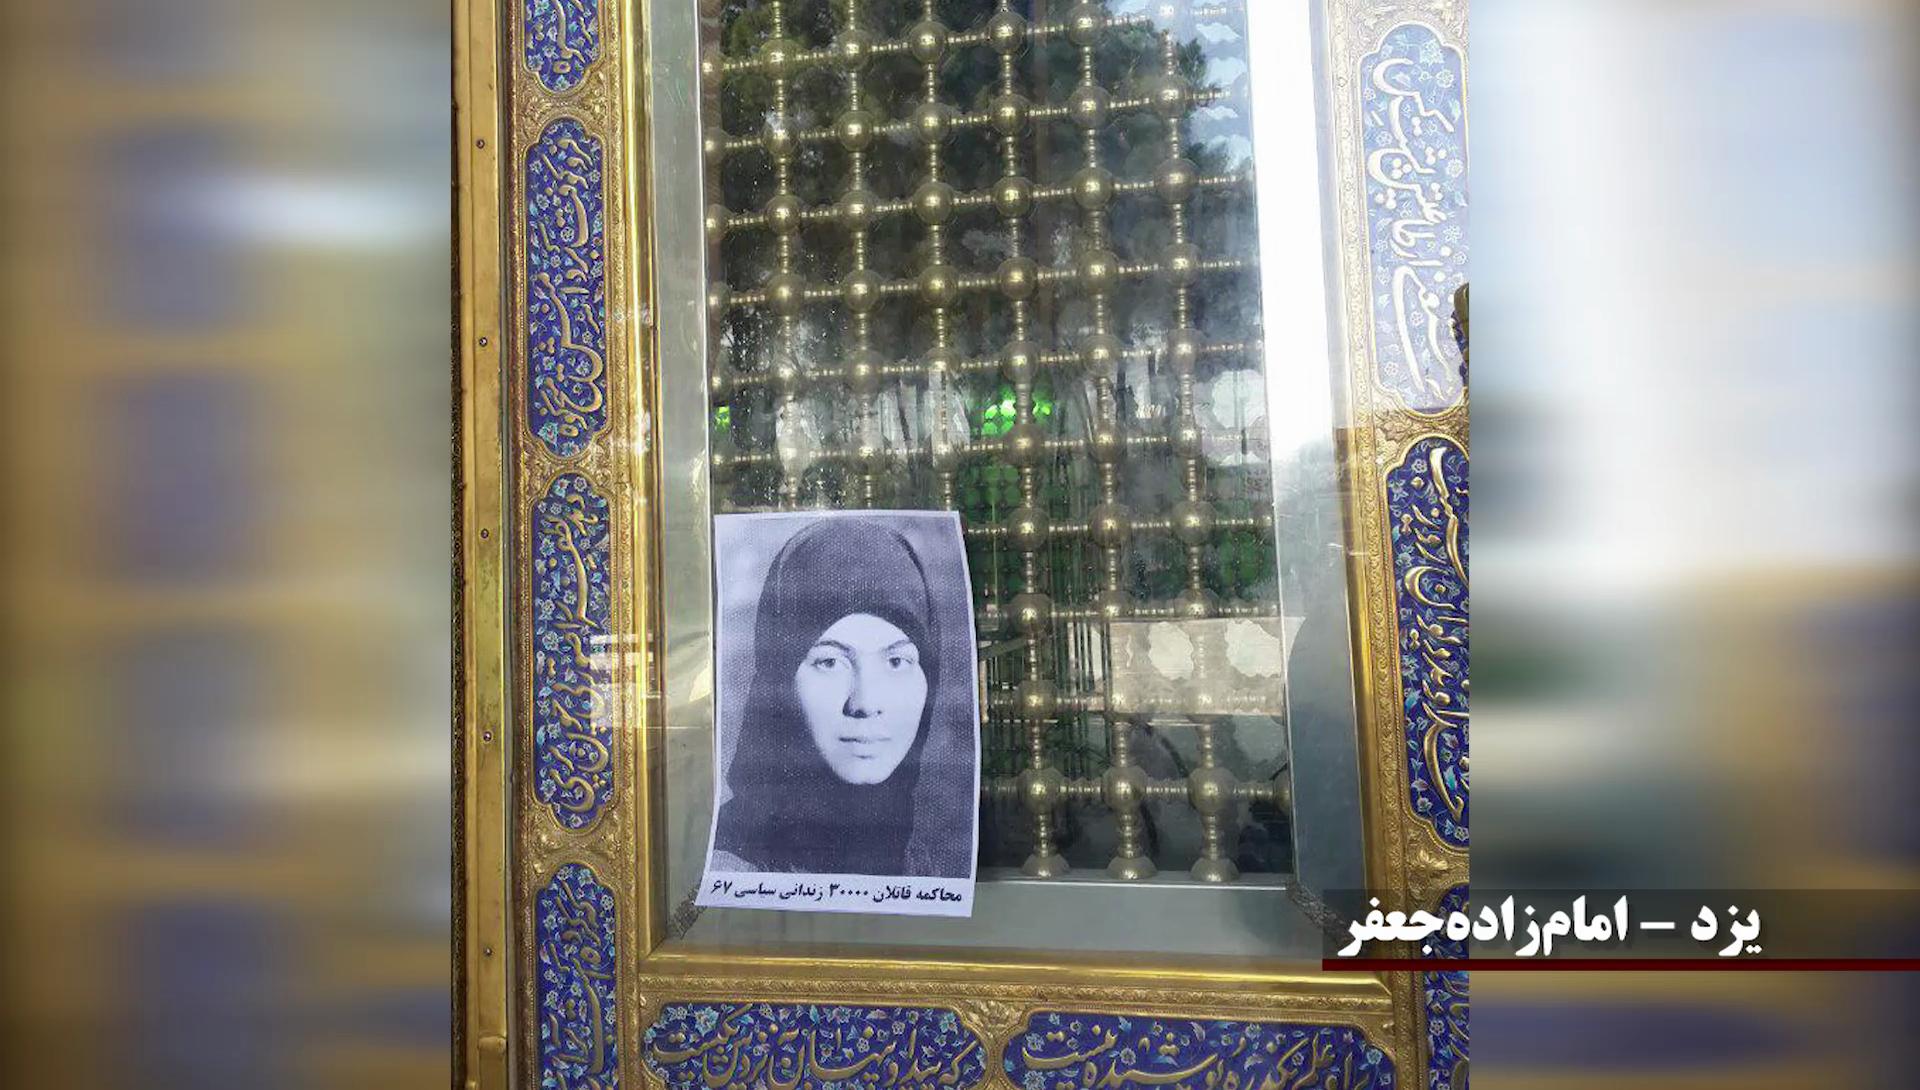 يزد - امامزاده جعفر - جنبش دادخواهی